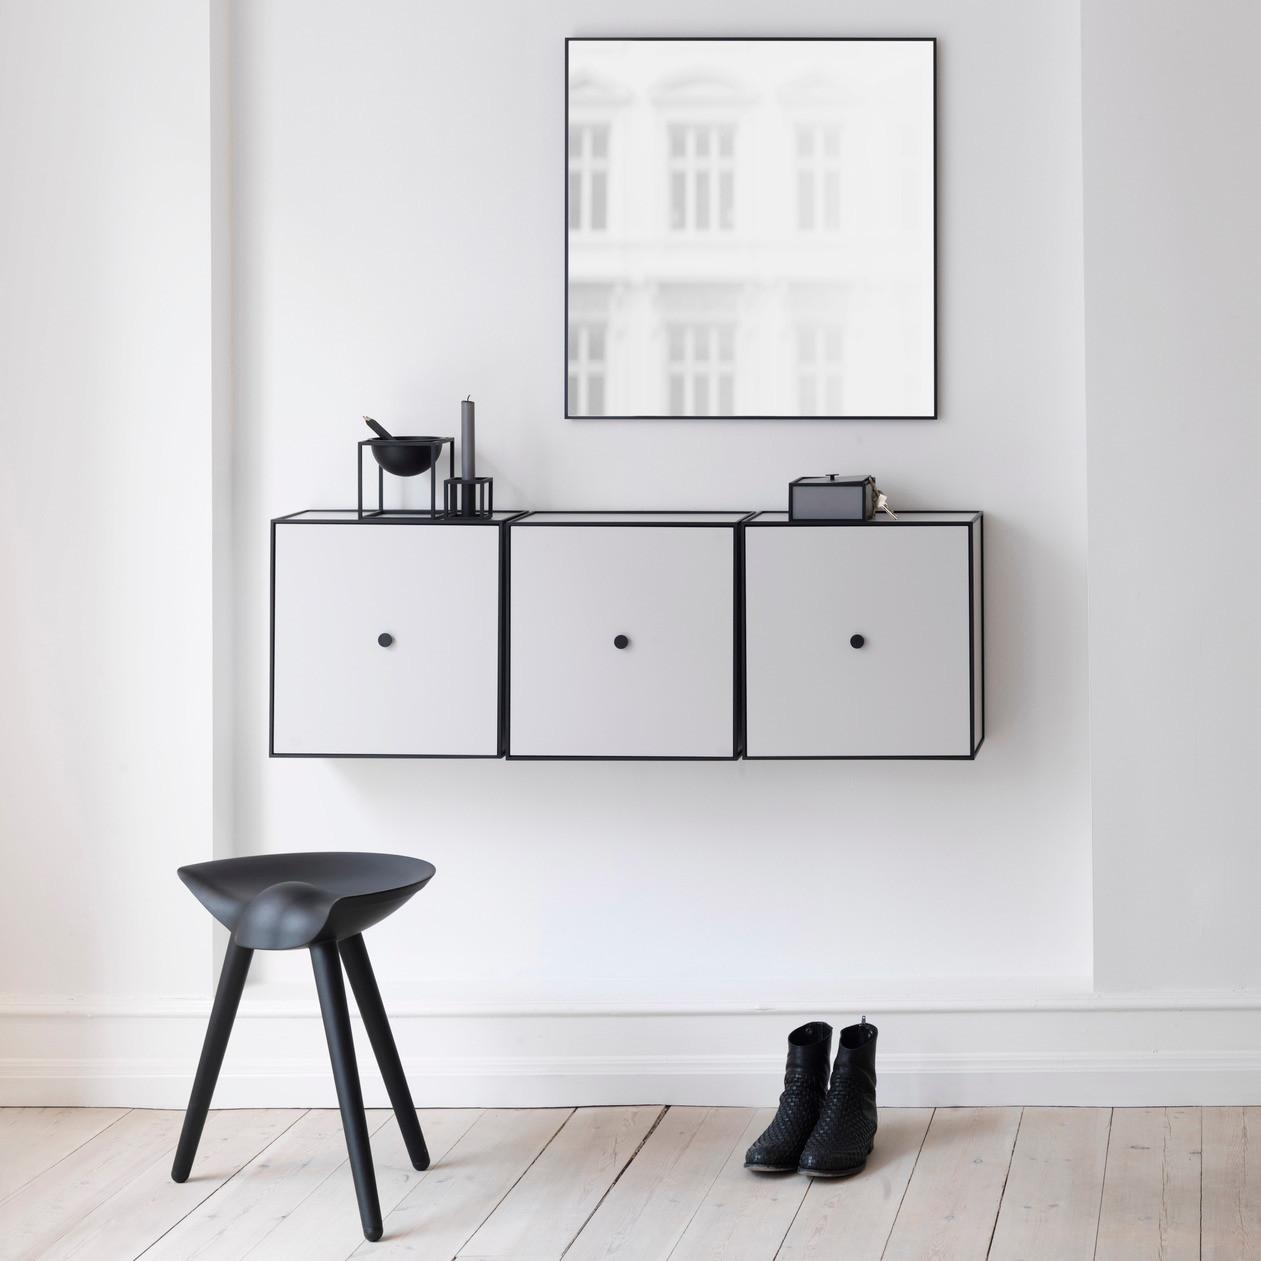 by lassen spejl By Lassen spejl | Køb View spejle i flere varianter by lassen spejl